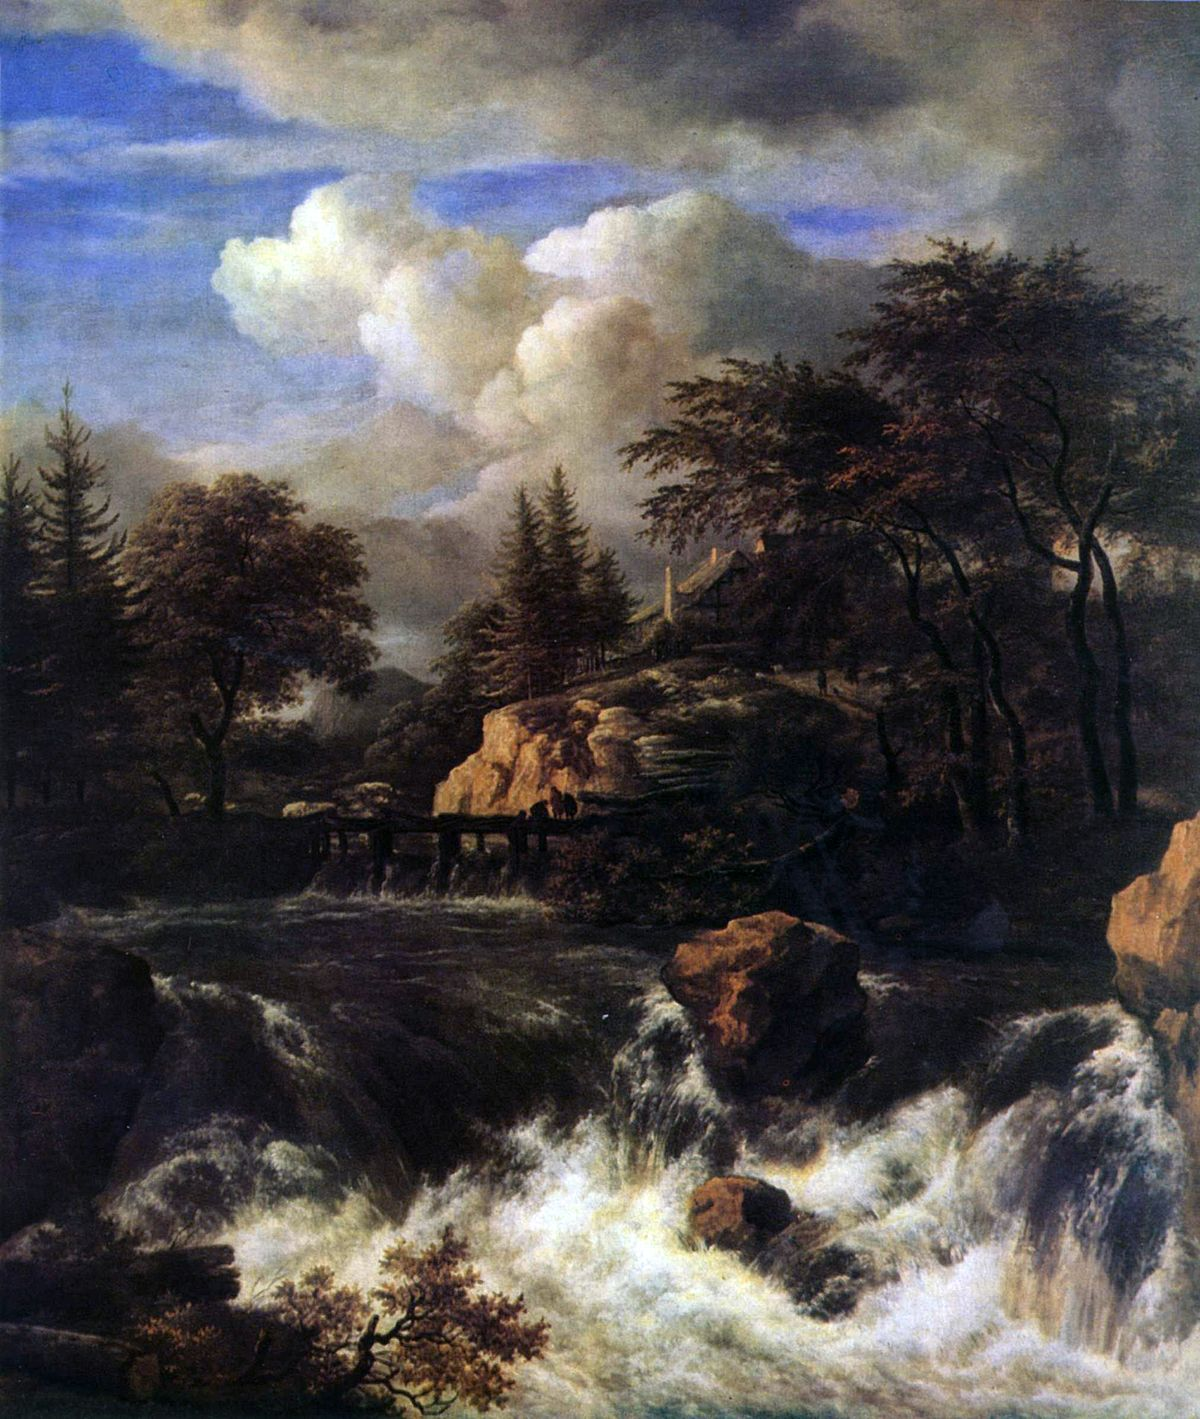 Landscape Waterfalls: A Waterfall In A Rocky Landscape